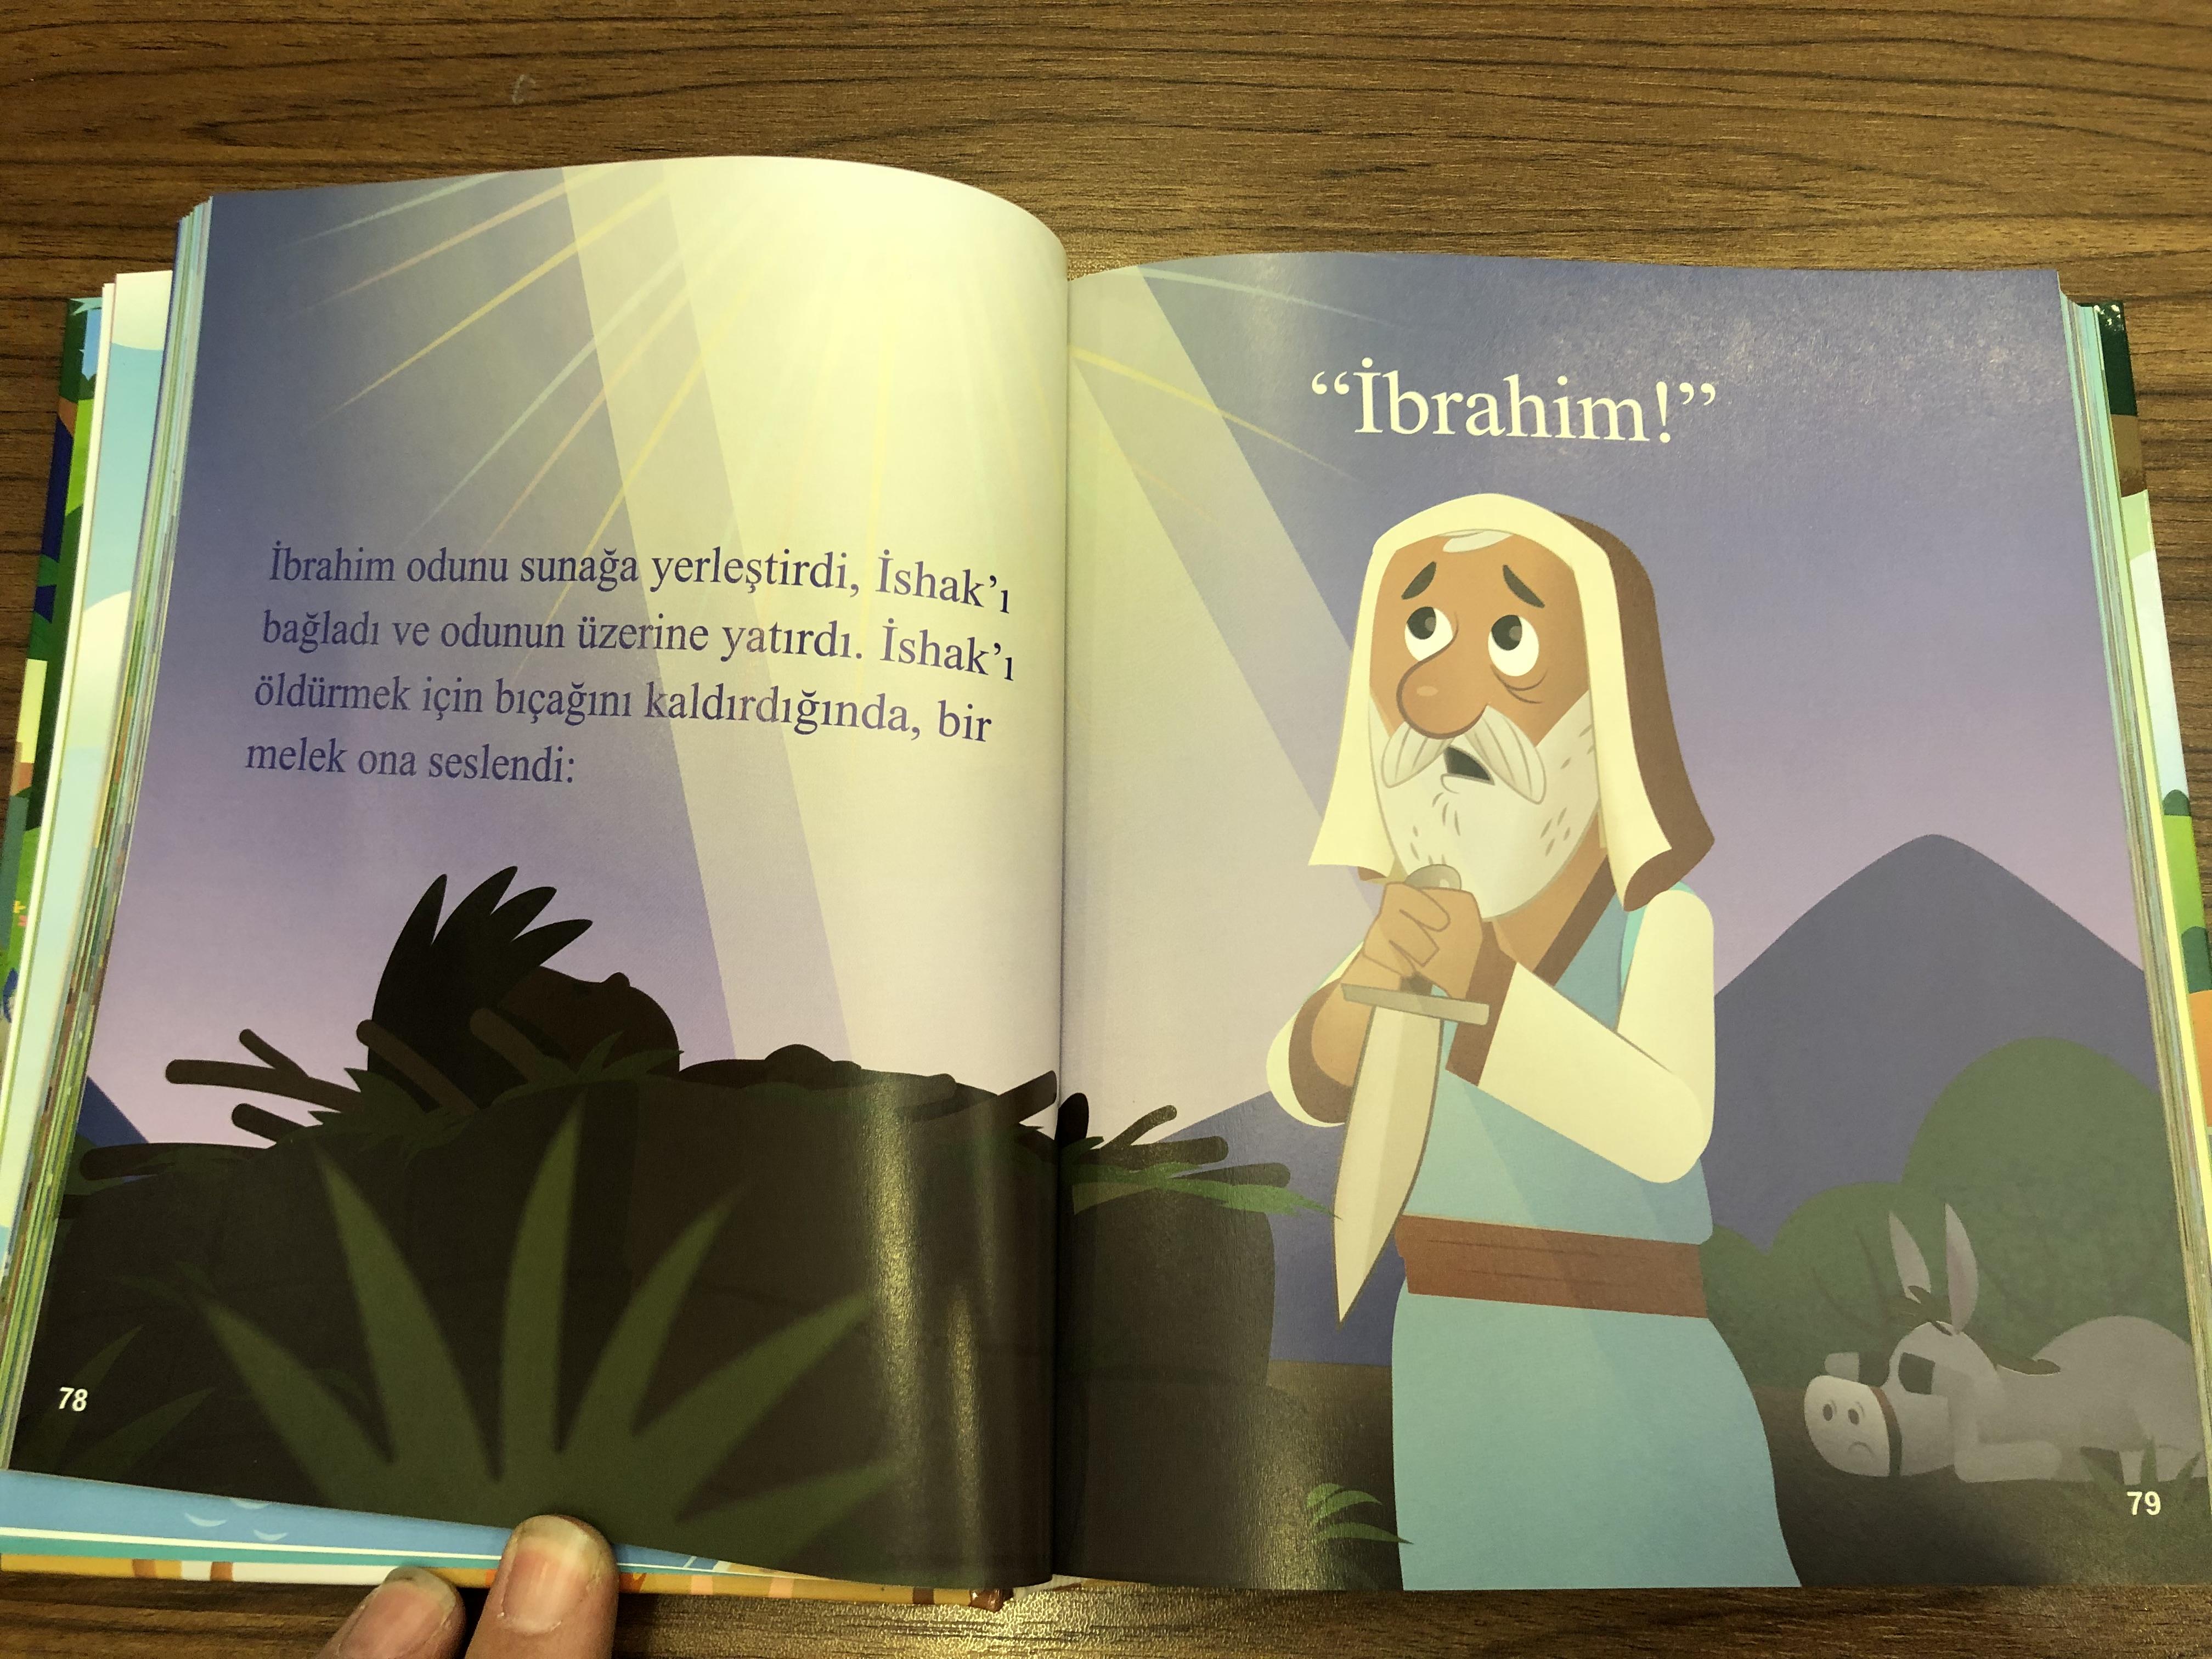 storybook-bible-in-turkish-language-ocuklar-i-in-kutsal-kitap-uygulamas-yk-kitab-youversion-hardcover-7-.jpg